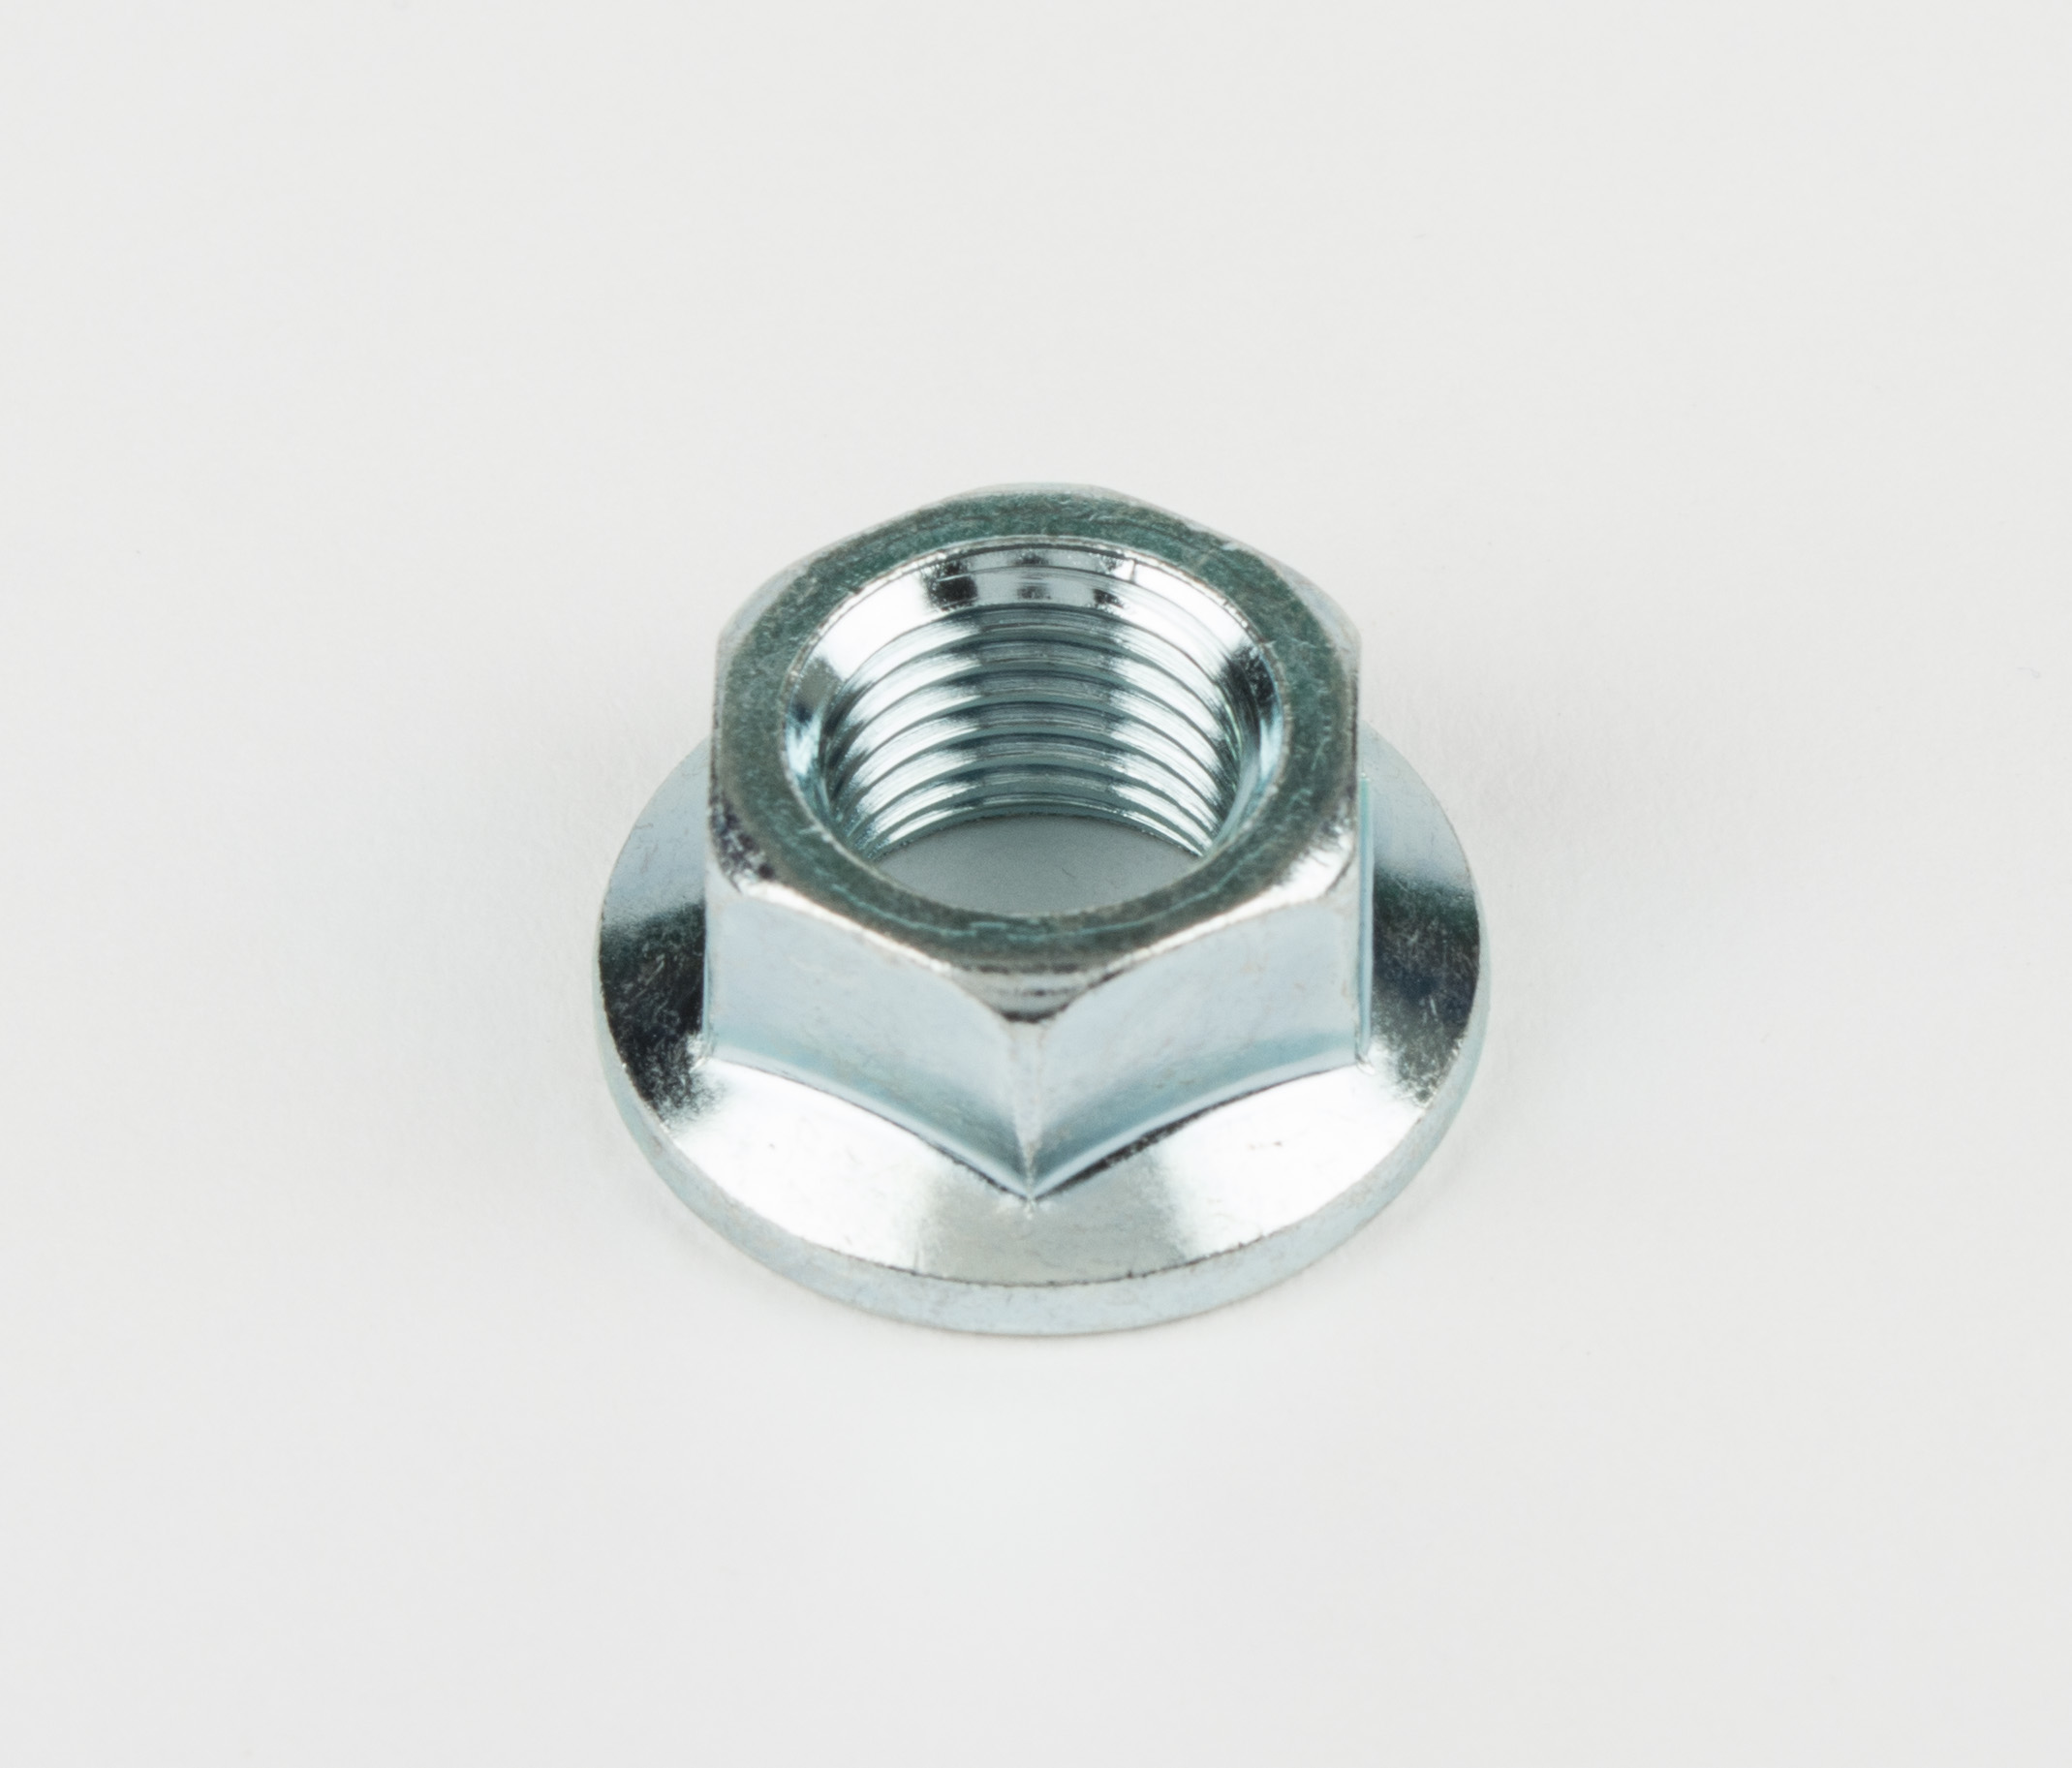 Genuine Suzuki Nut 08316-1012A-000